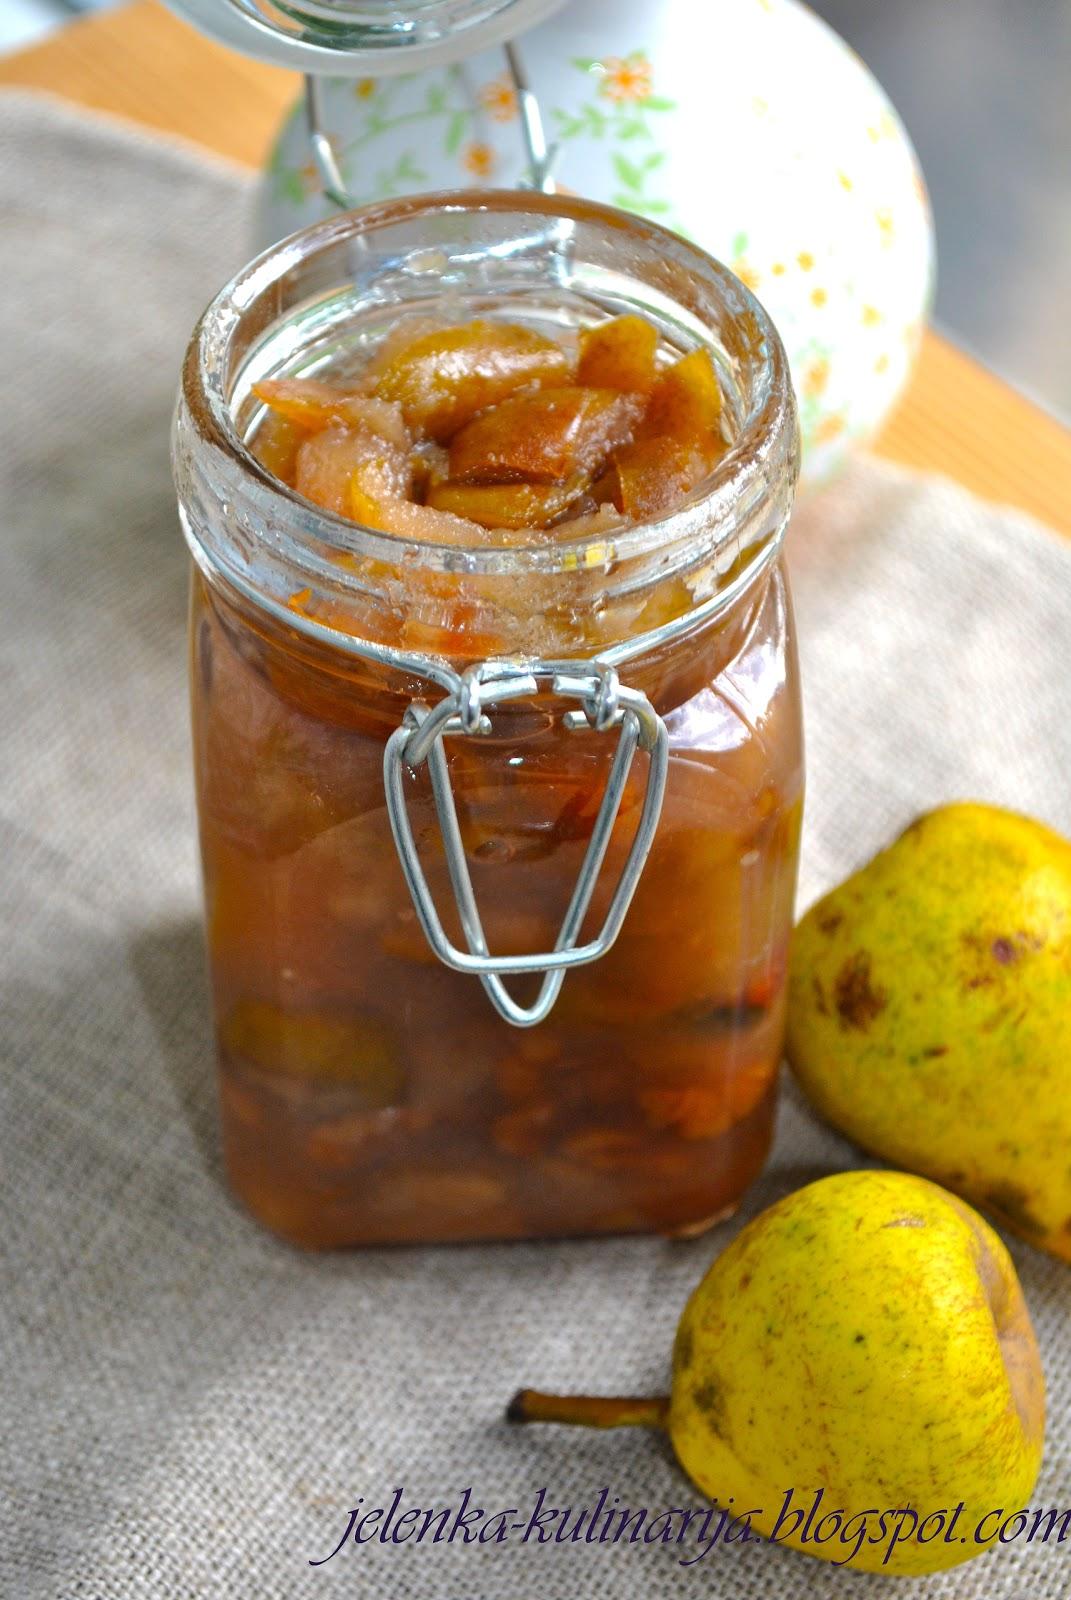 Как варить варенье из груш на зиму. 6 рецептов грушевого варенья